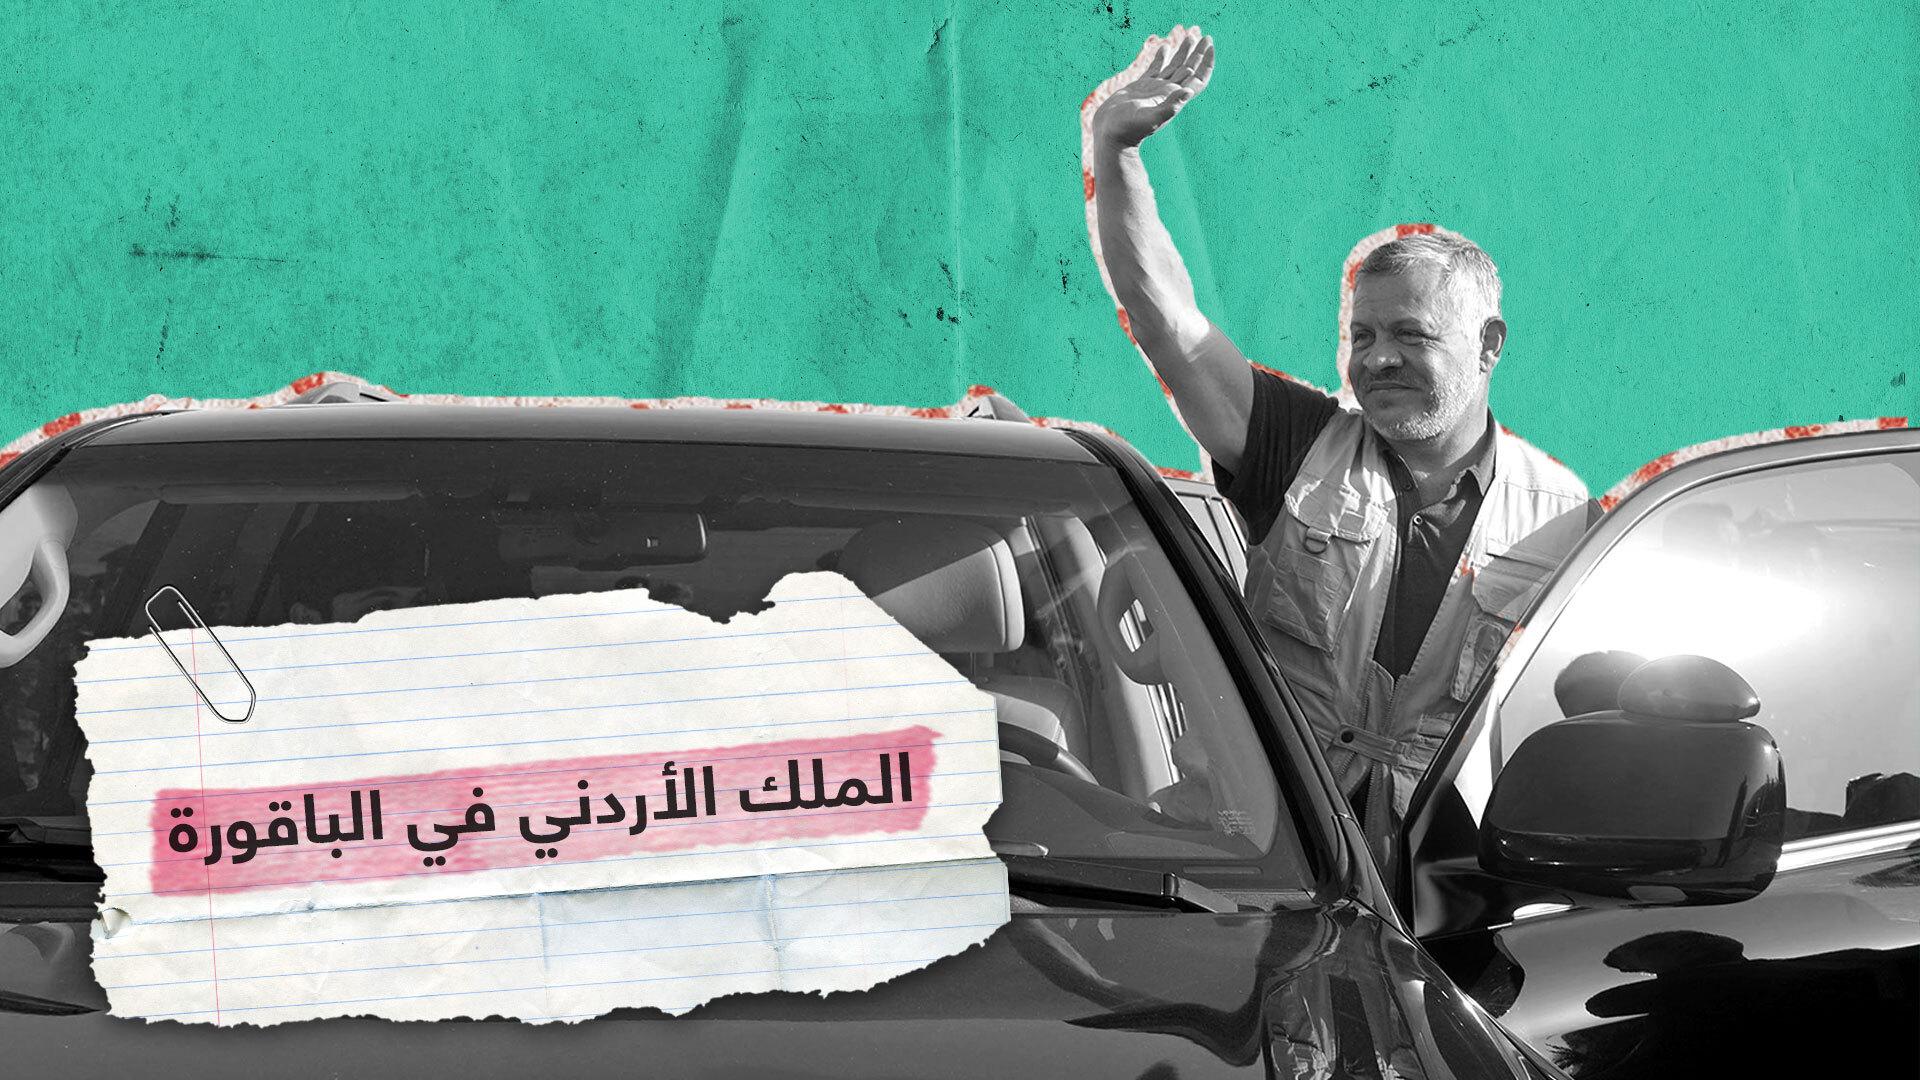 ملك الأردن يصل إلى الباقورة بعد استعادتها من إسرائيل ويصلي على أرضها